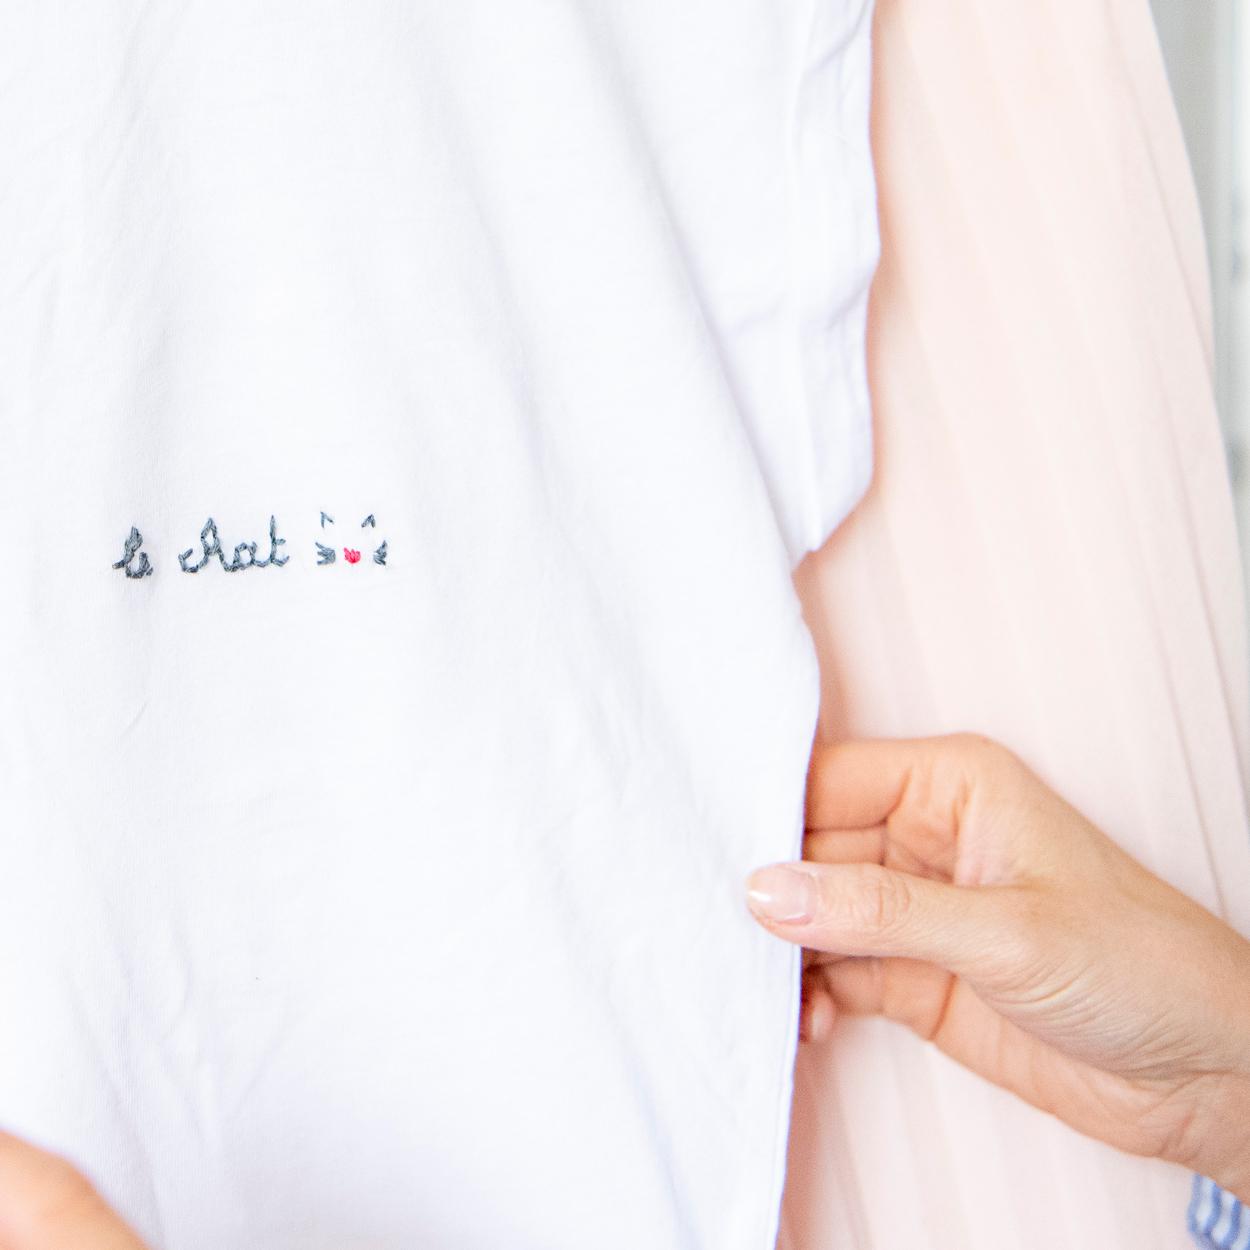 03/04 - Borduren op T-shirt (by NUÏ )